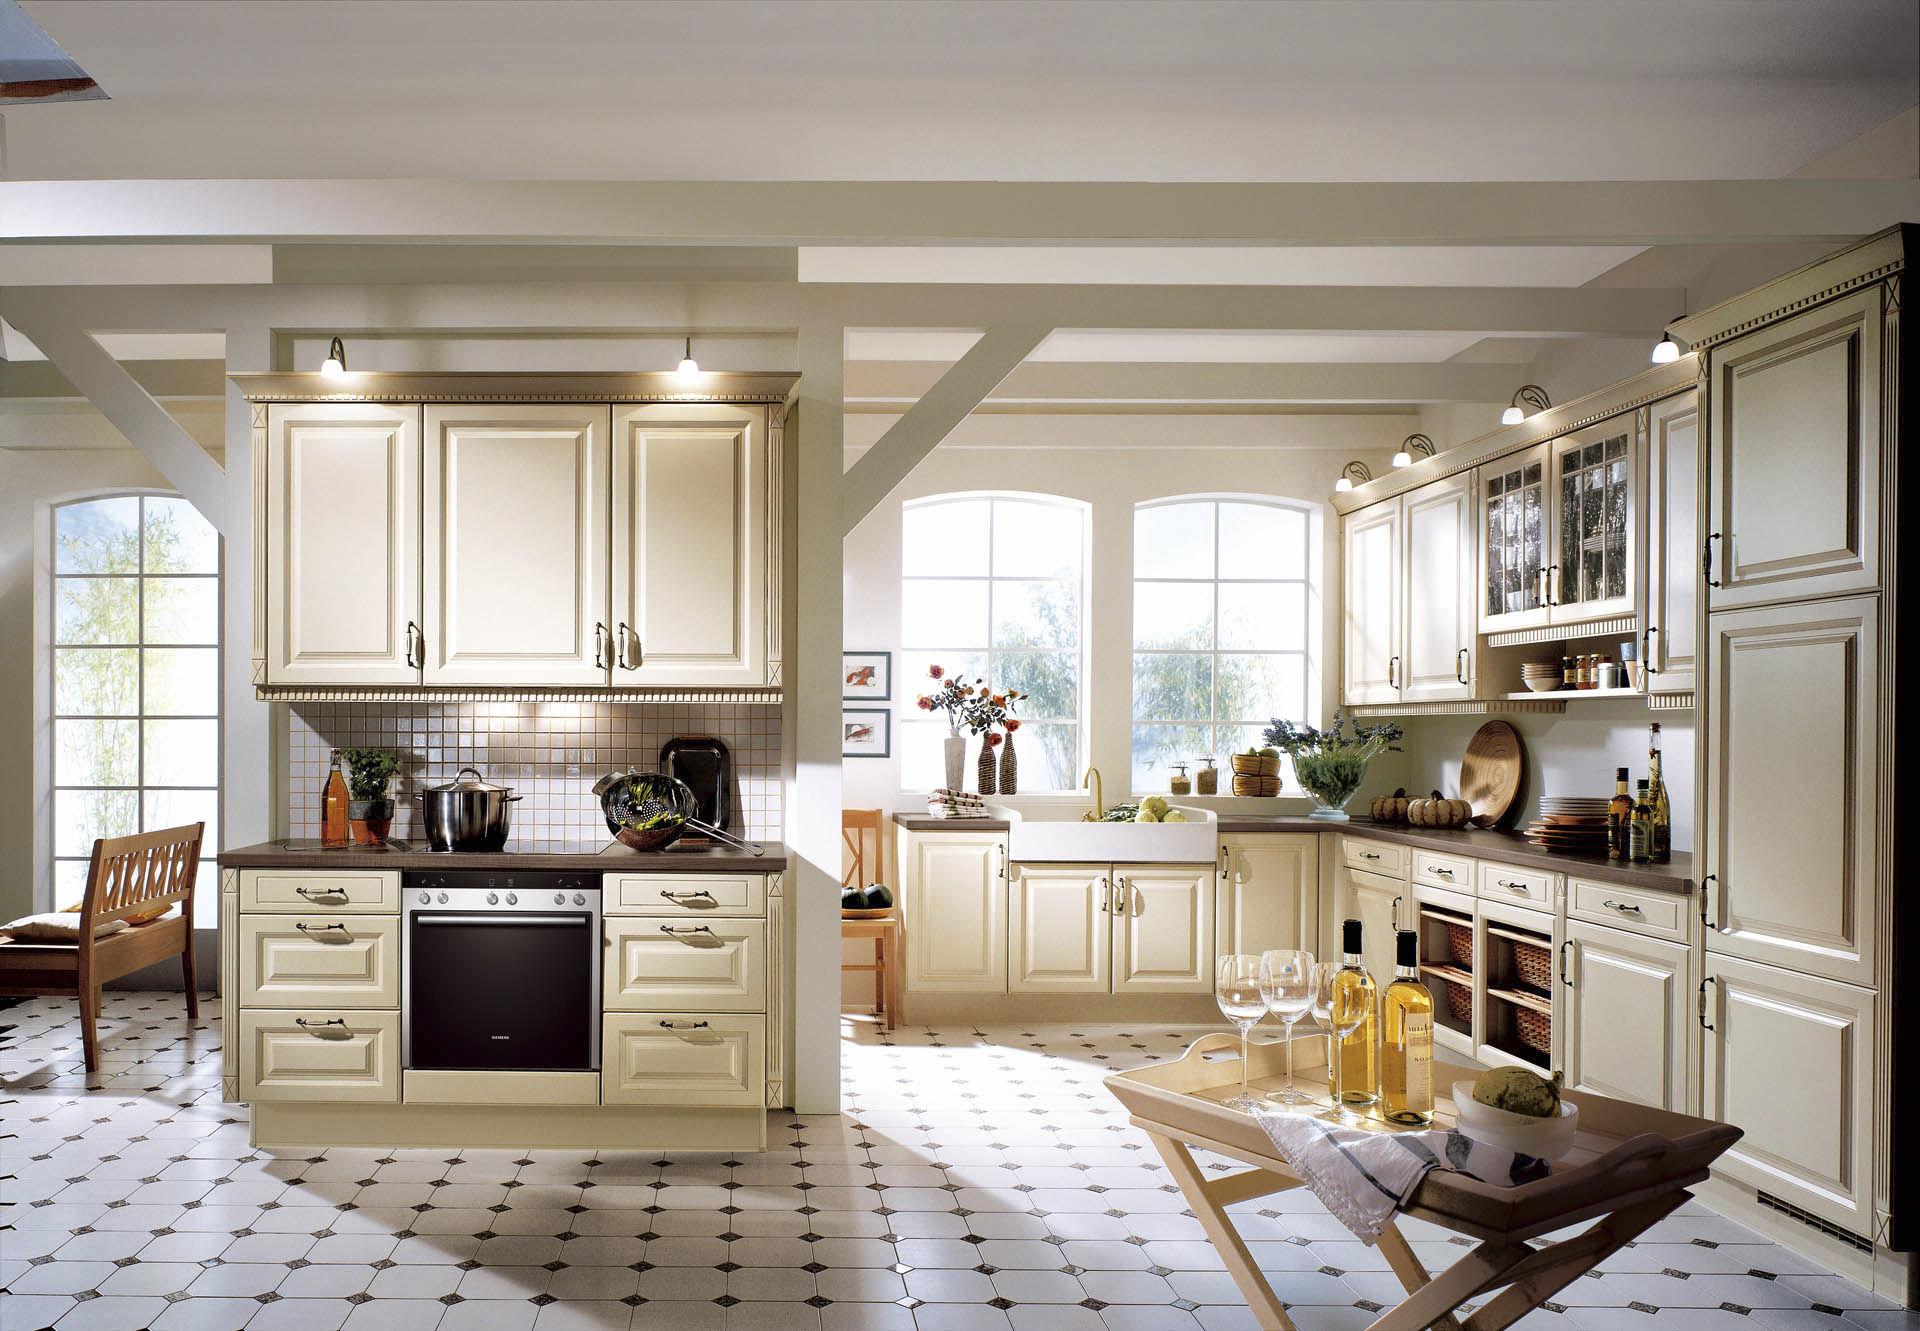 Moderne landhausküche nobilia  Moderne Küche / Holz / lackiert / mit Griffen - CASTELLO 397 - nobilia